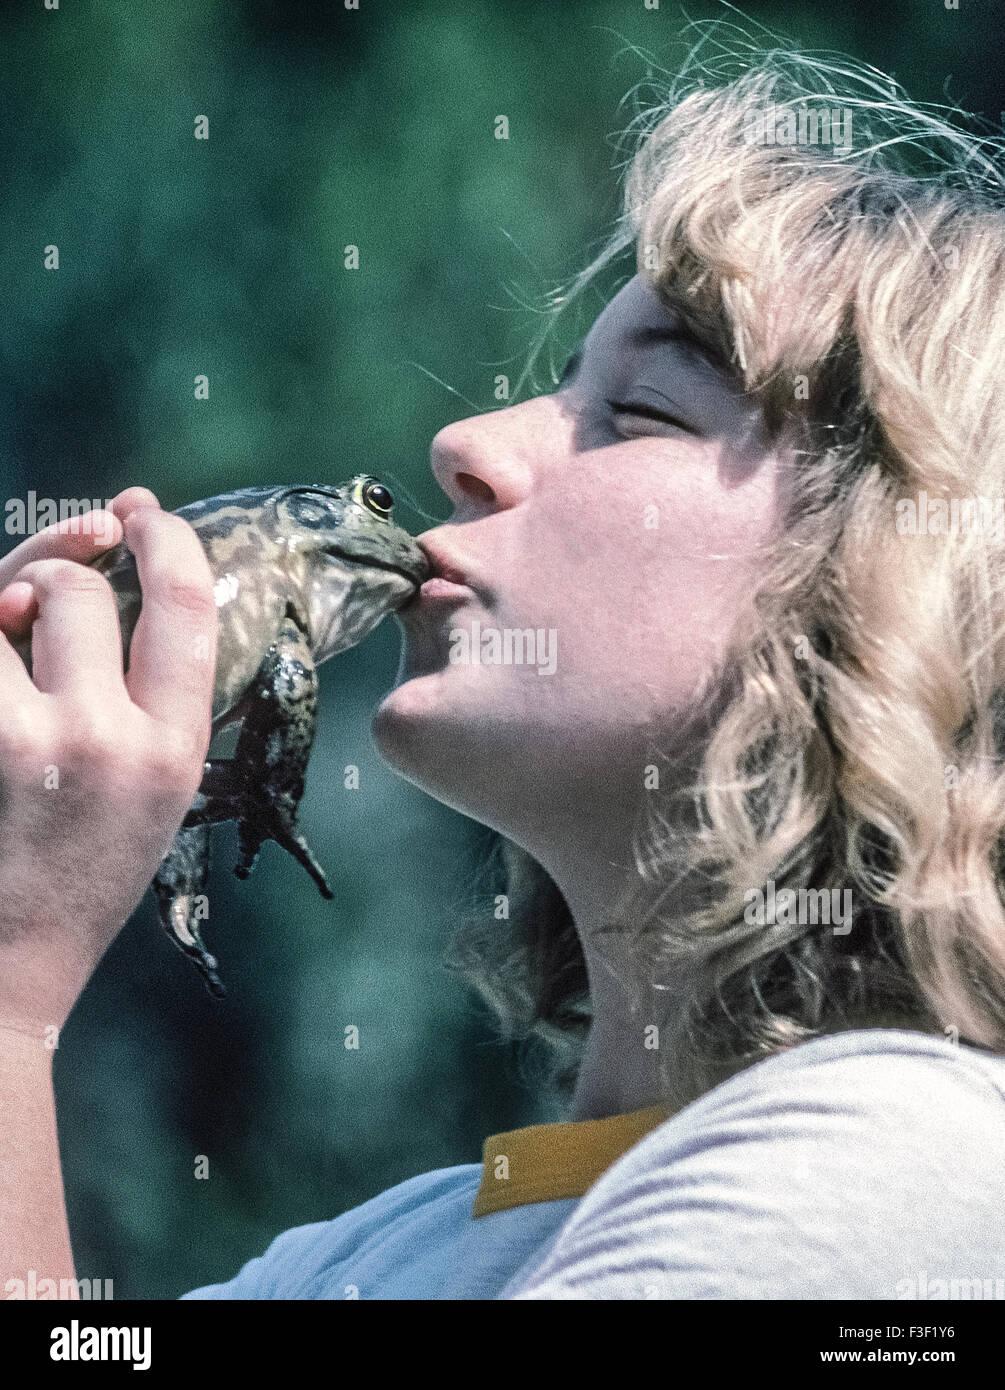 Una niña besa a su rana durante una ranita saltando concurso en Del Mar, California, USA. Ocasionalmente la Imagen De Stock